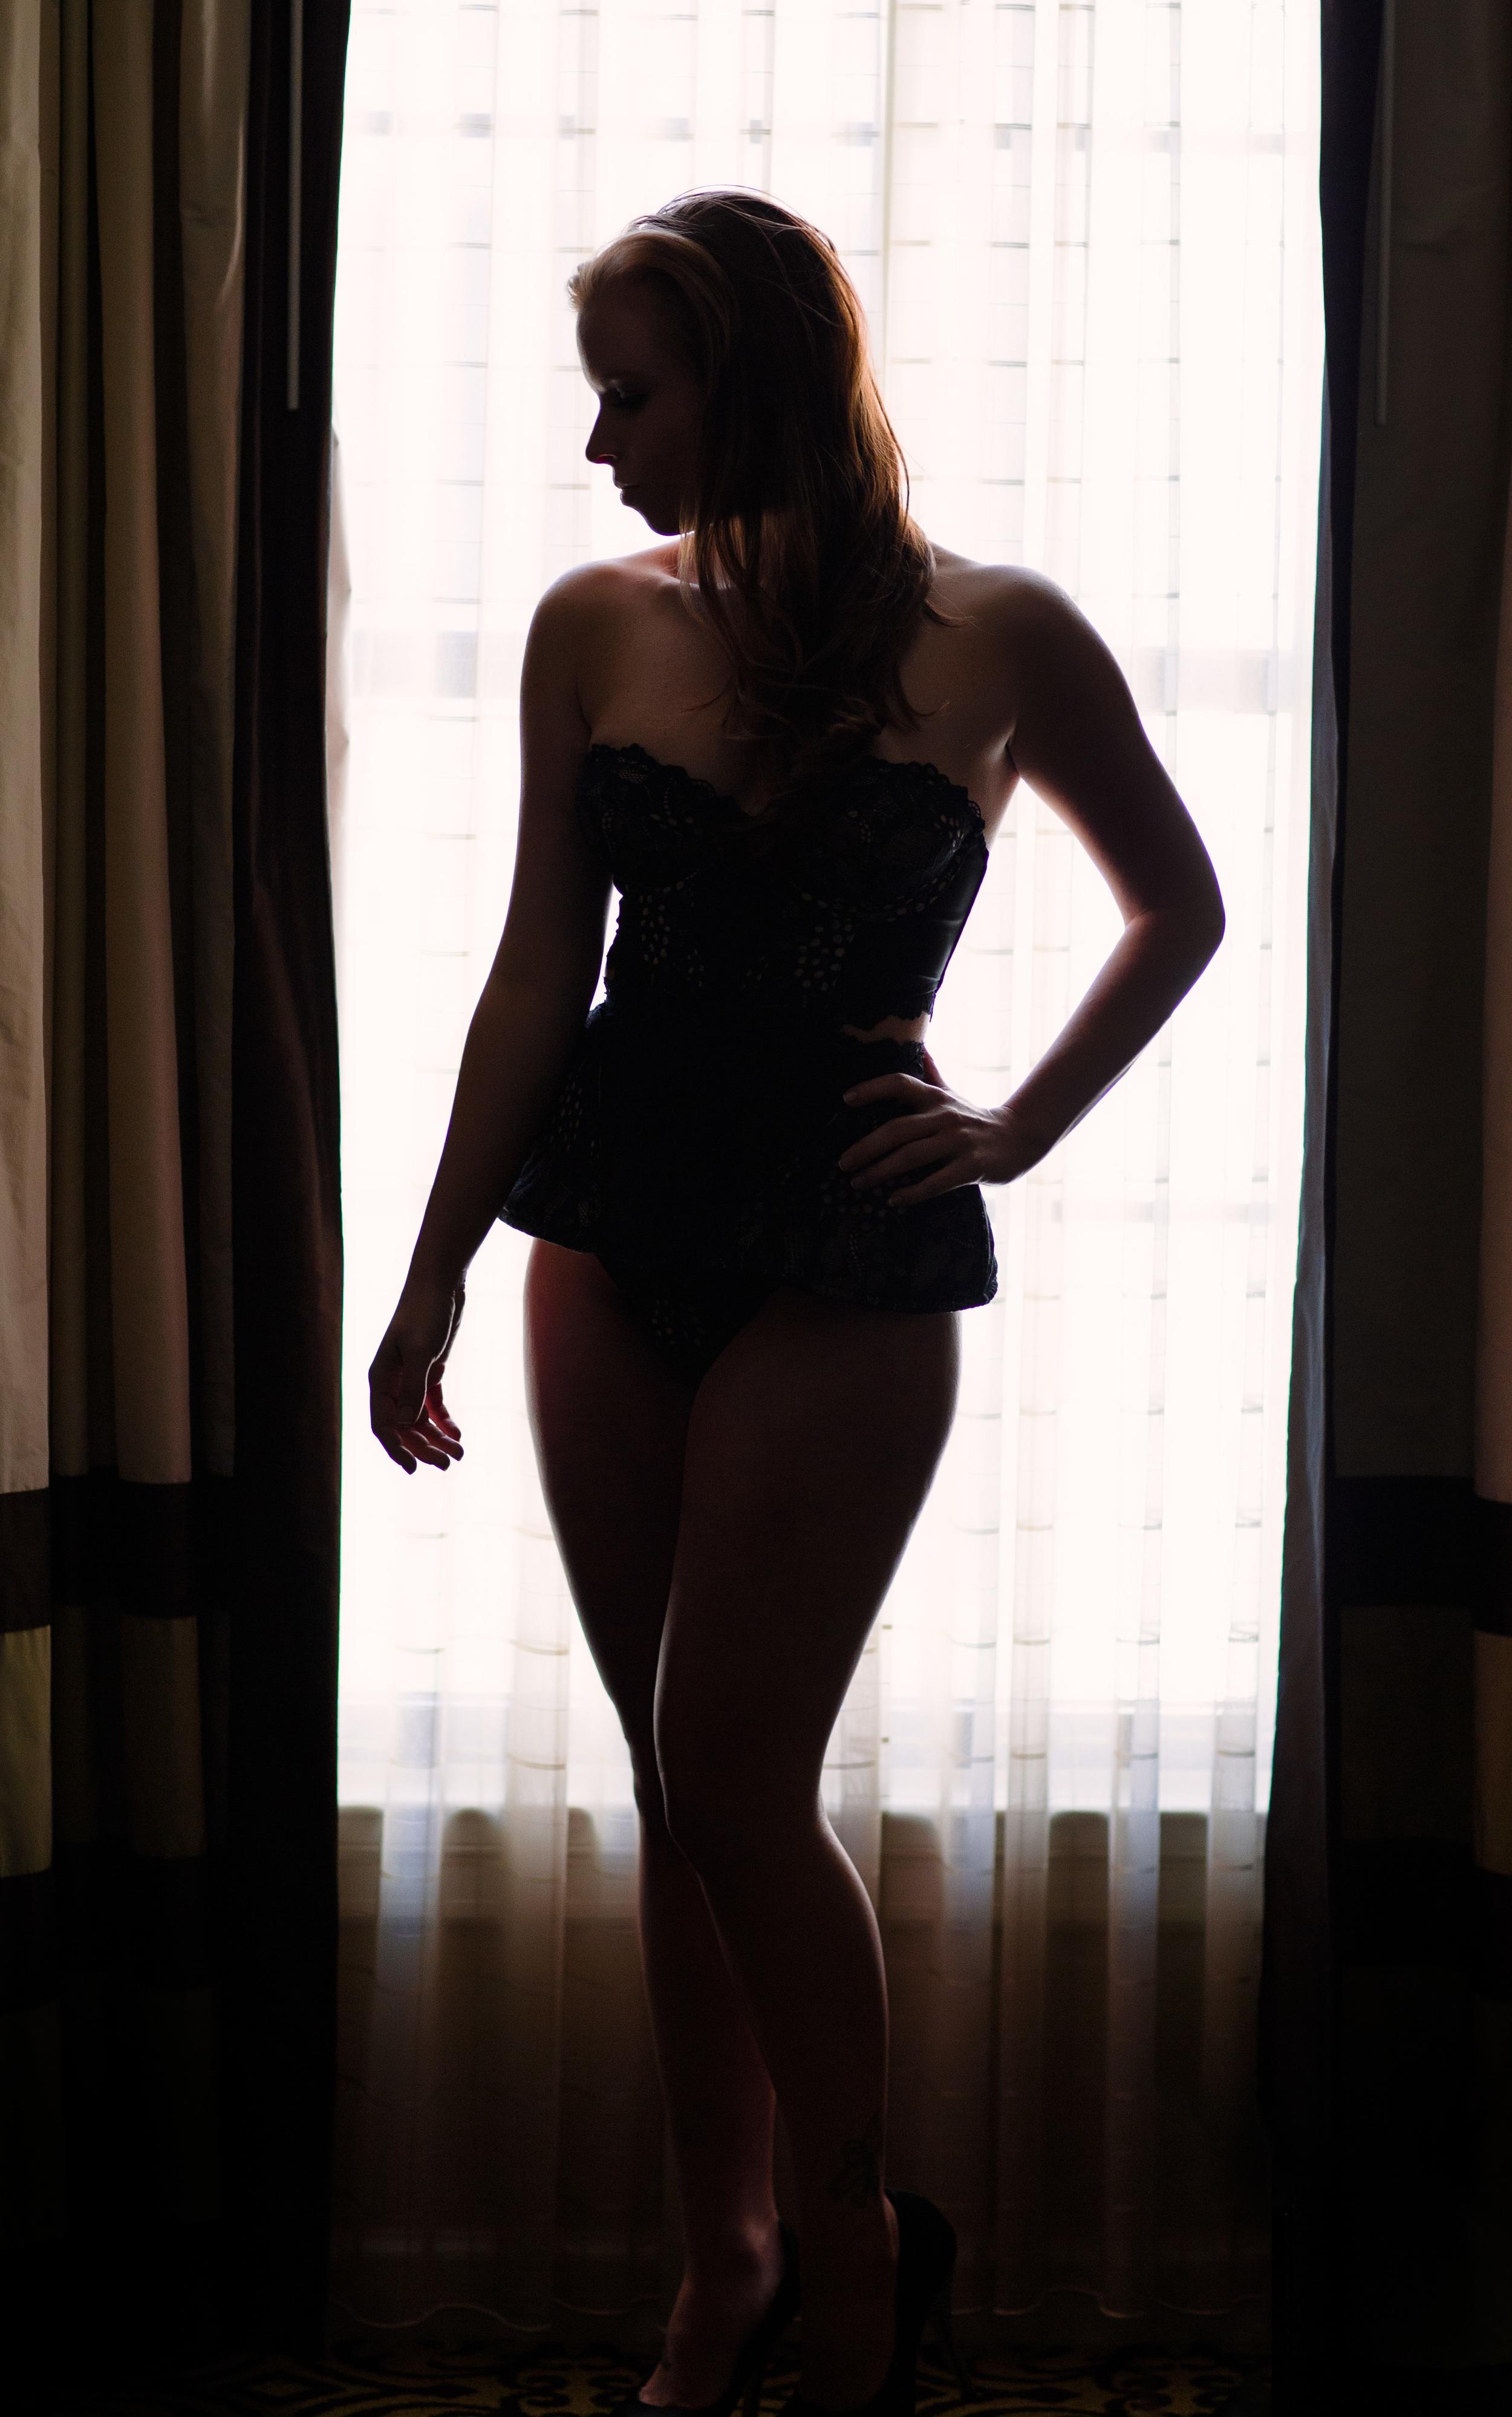 shadow boudoir